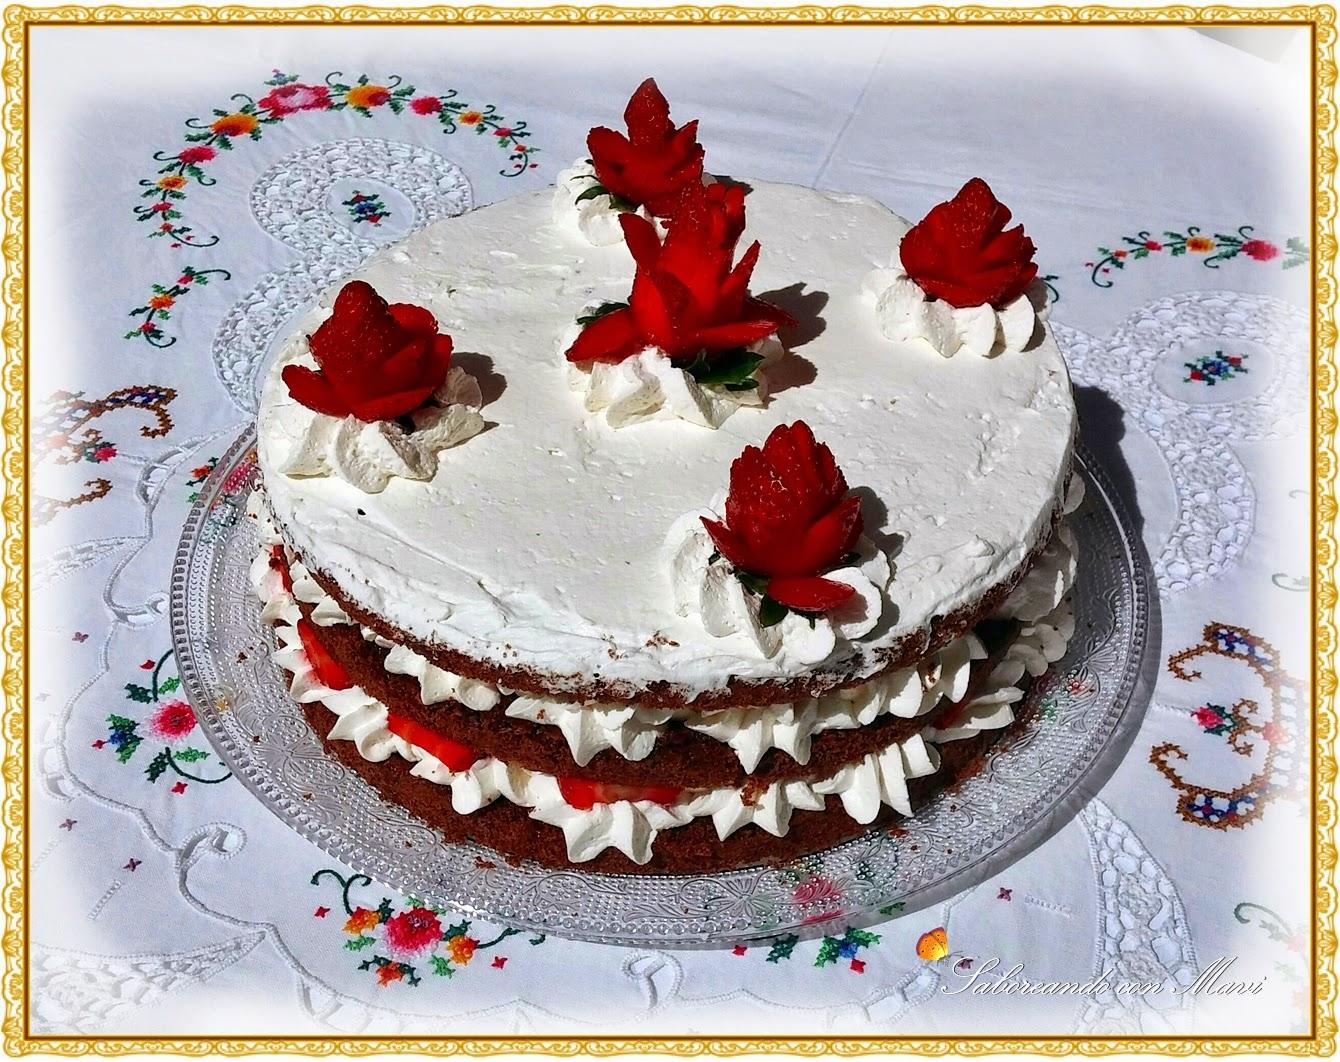 Tarta de chocolate con fresas y nata